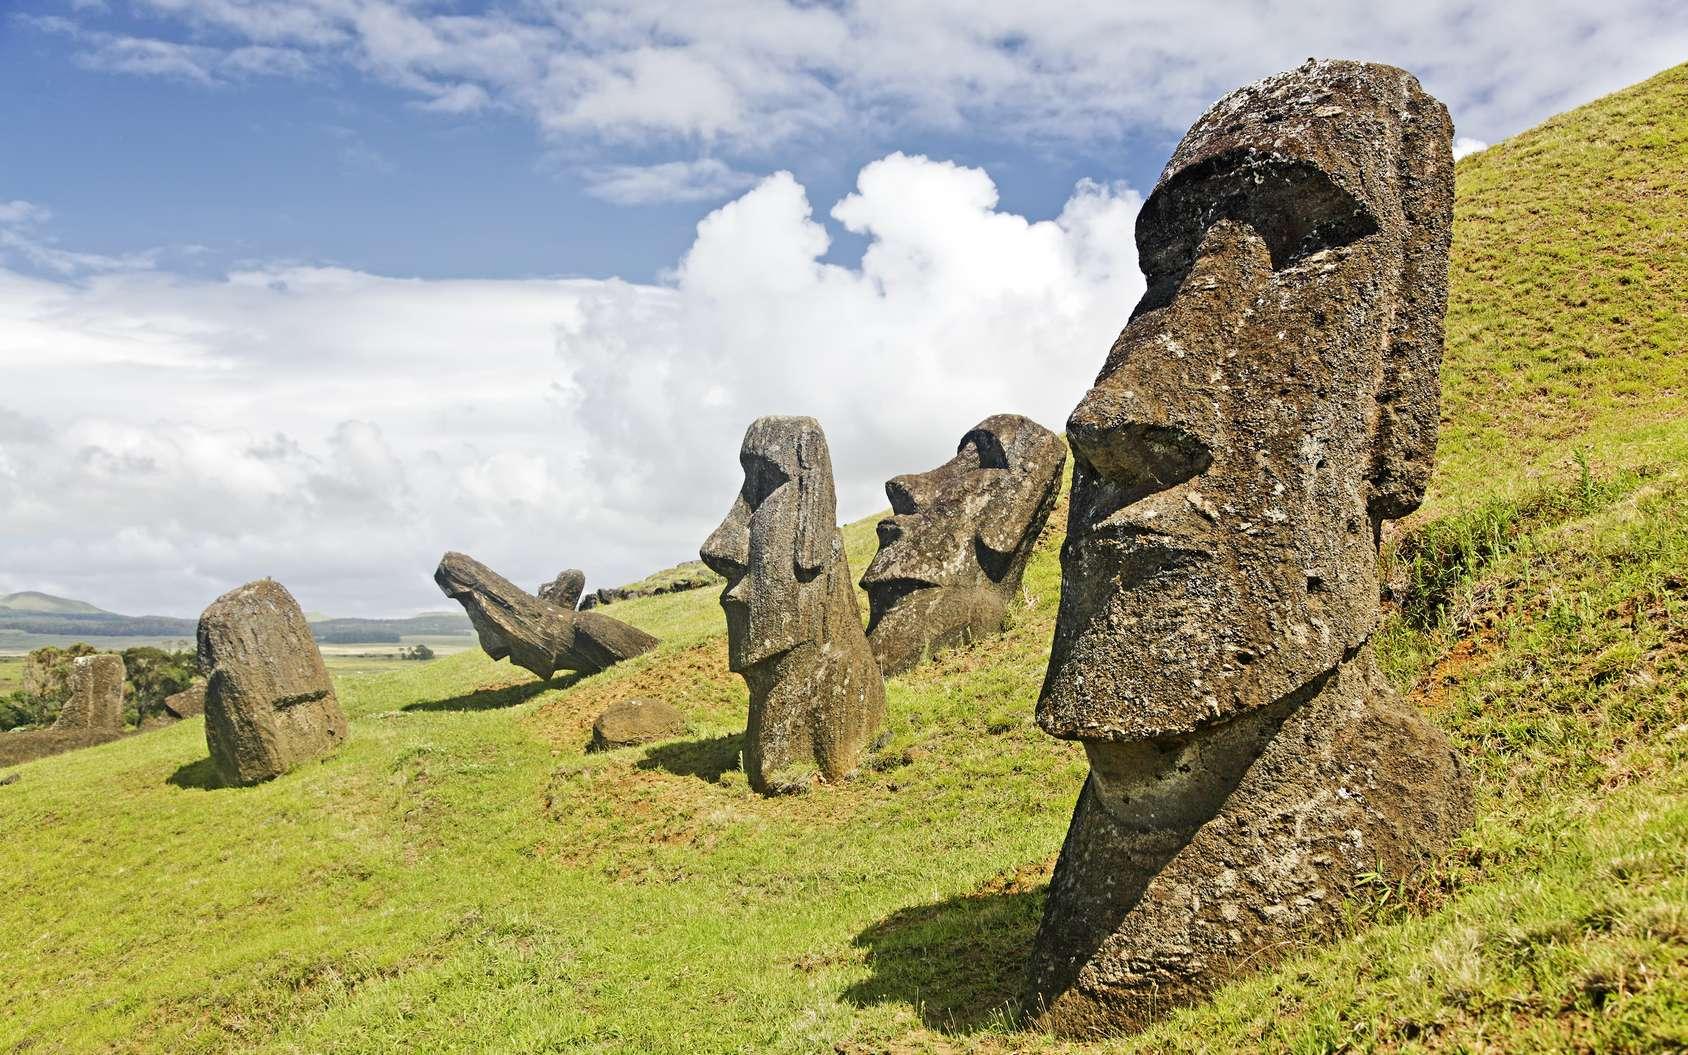 Une des statues de l'Ile de Pâques. © Bryan Busovicki, fotolia